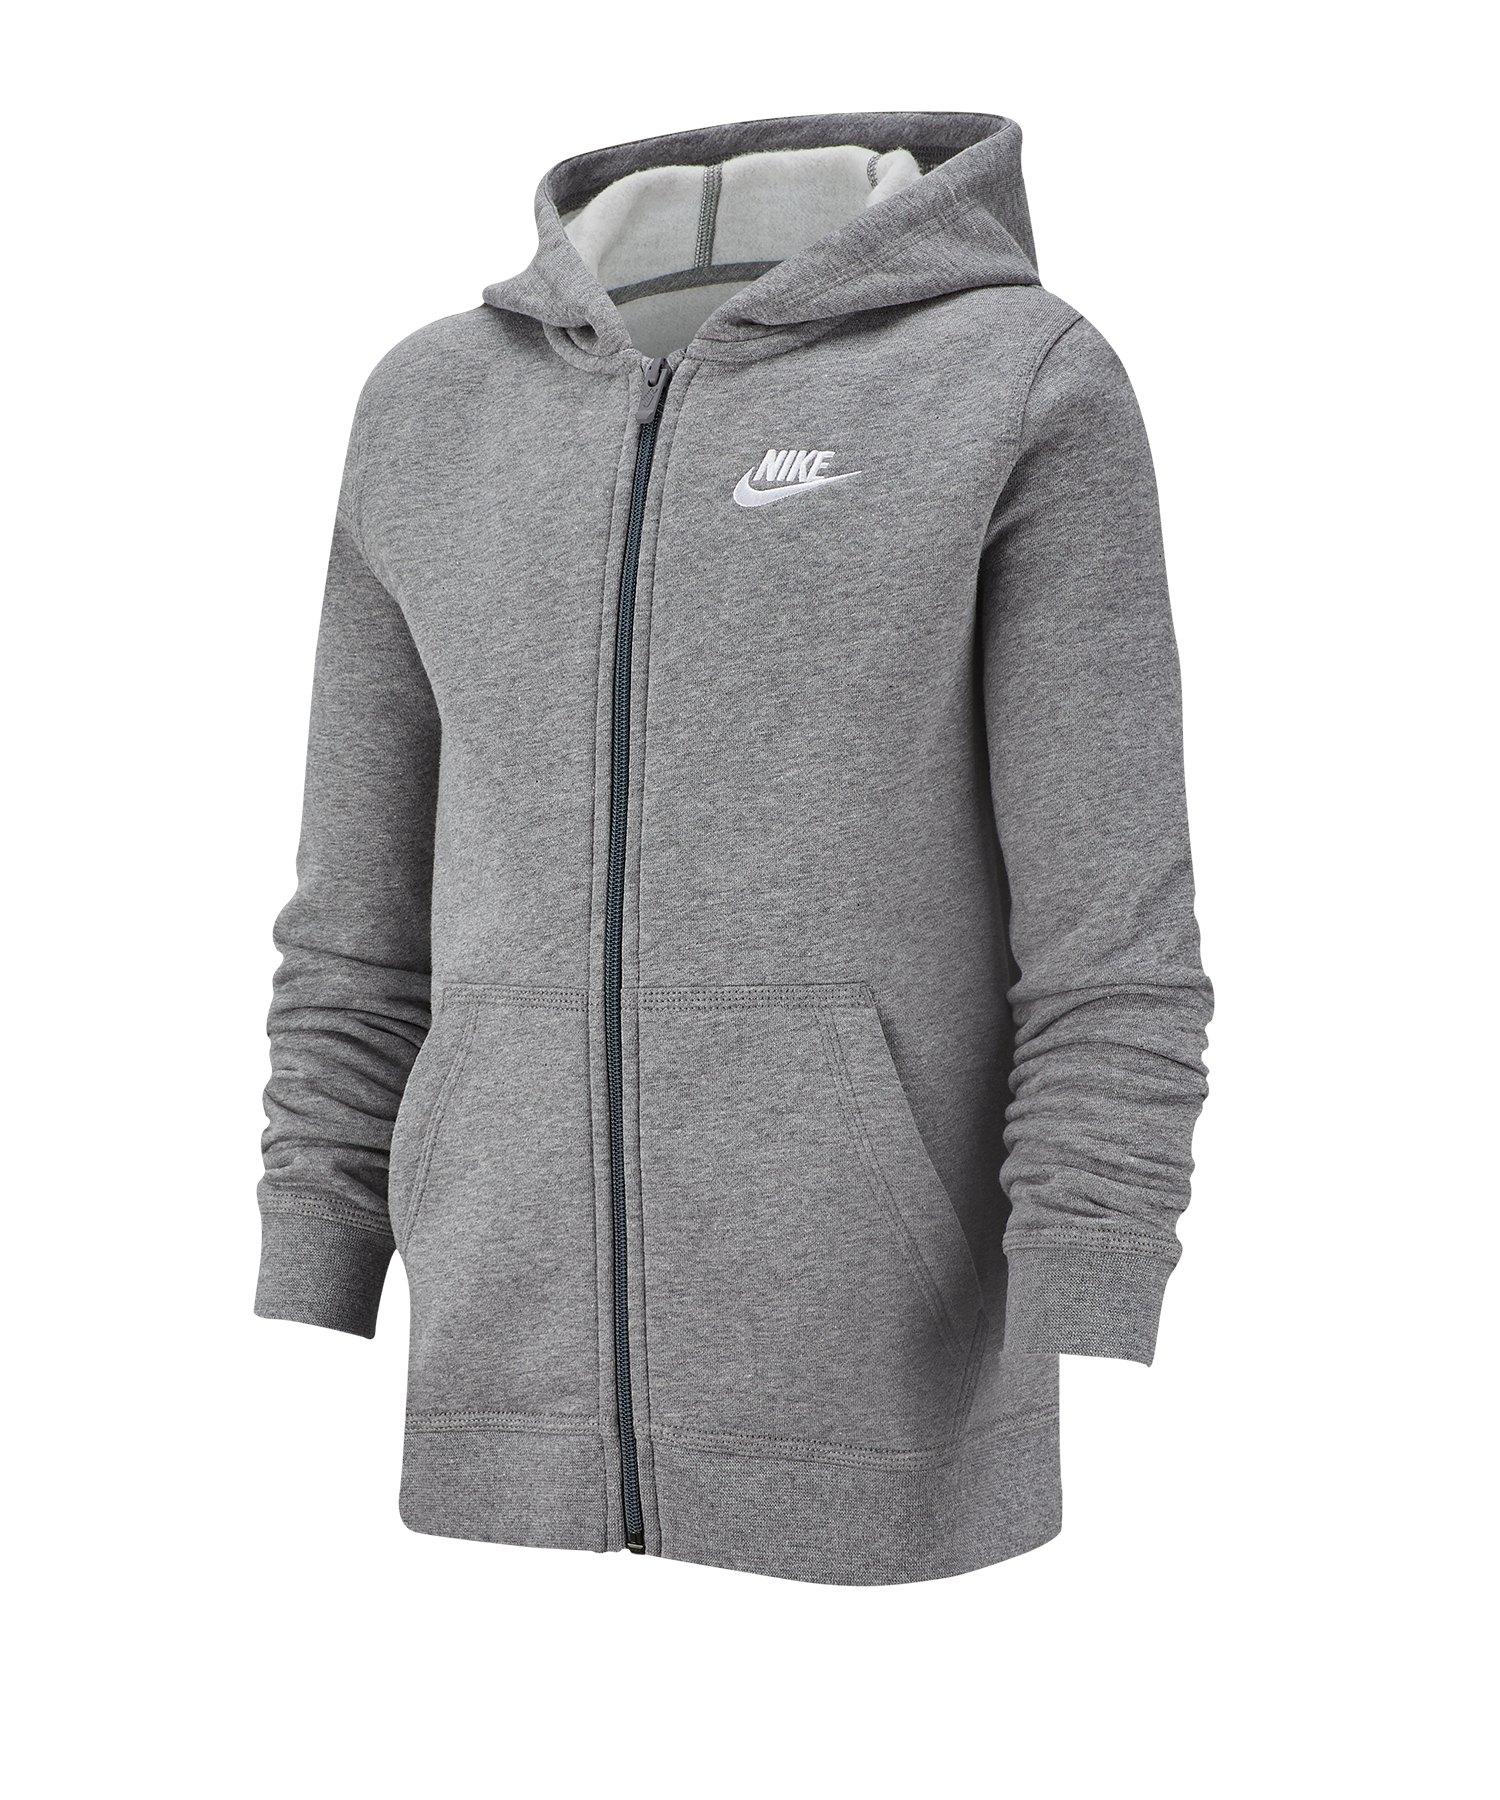 Nike Full-Zip Kapuzenjacke Kids Grau F011 - grau